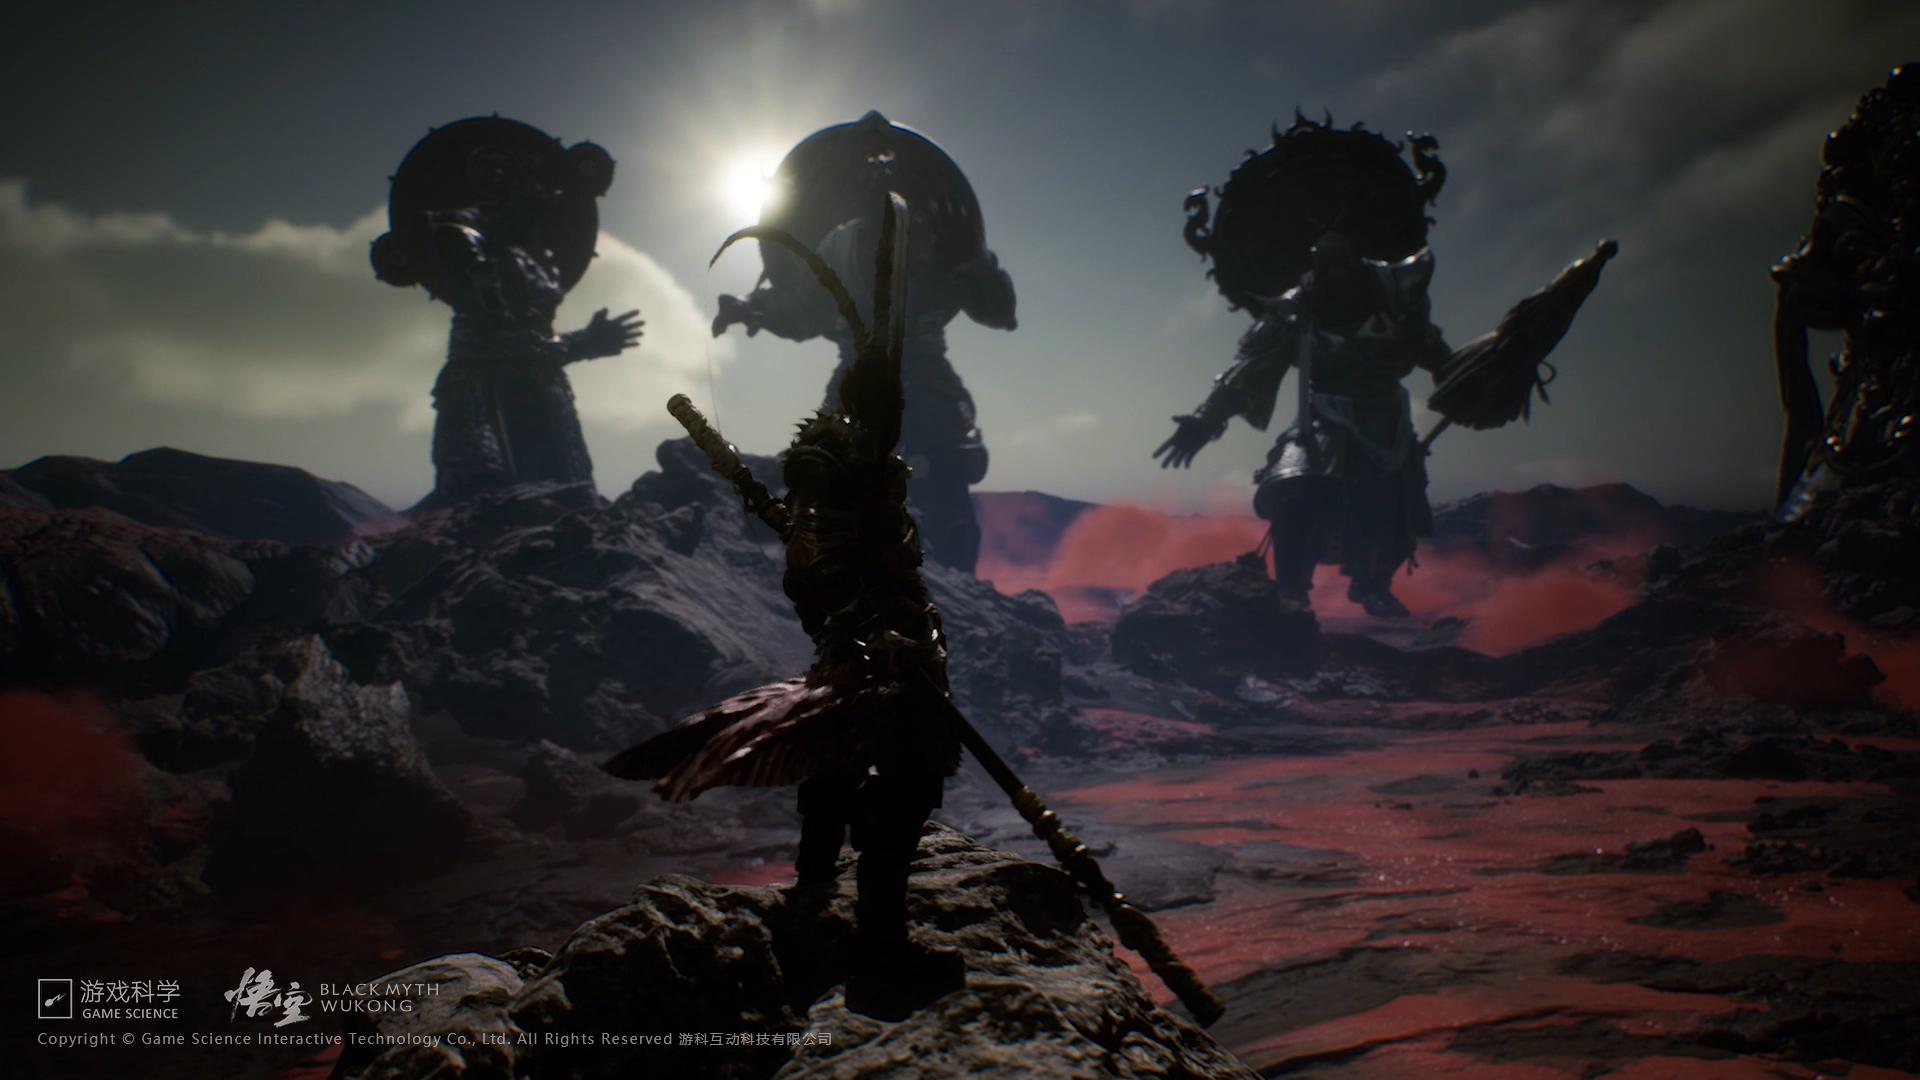 Black Myth: Wu Kong annunciato per Console e PC 10